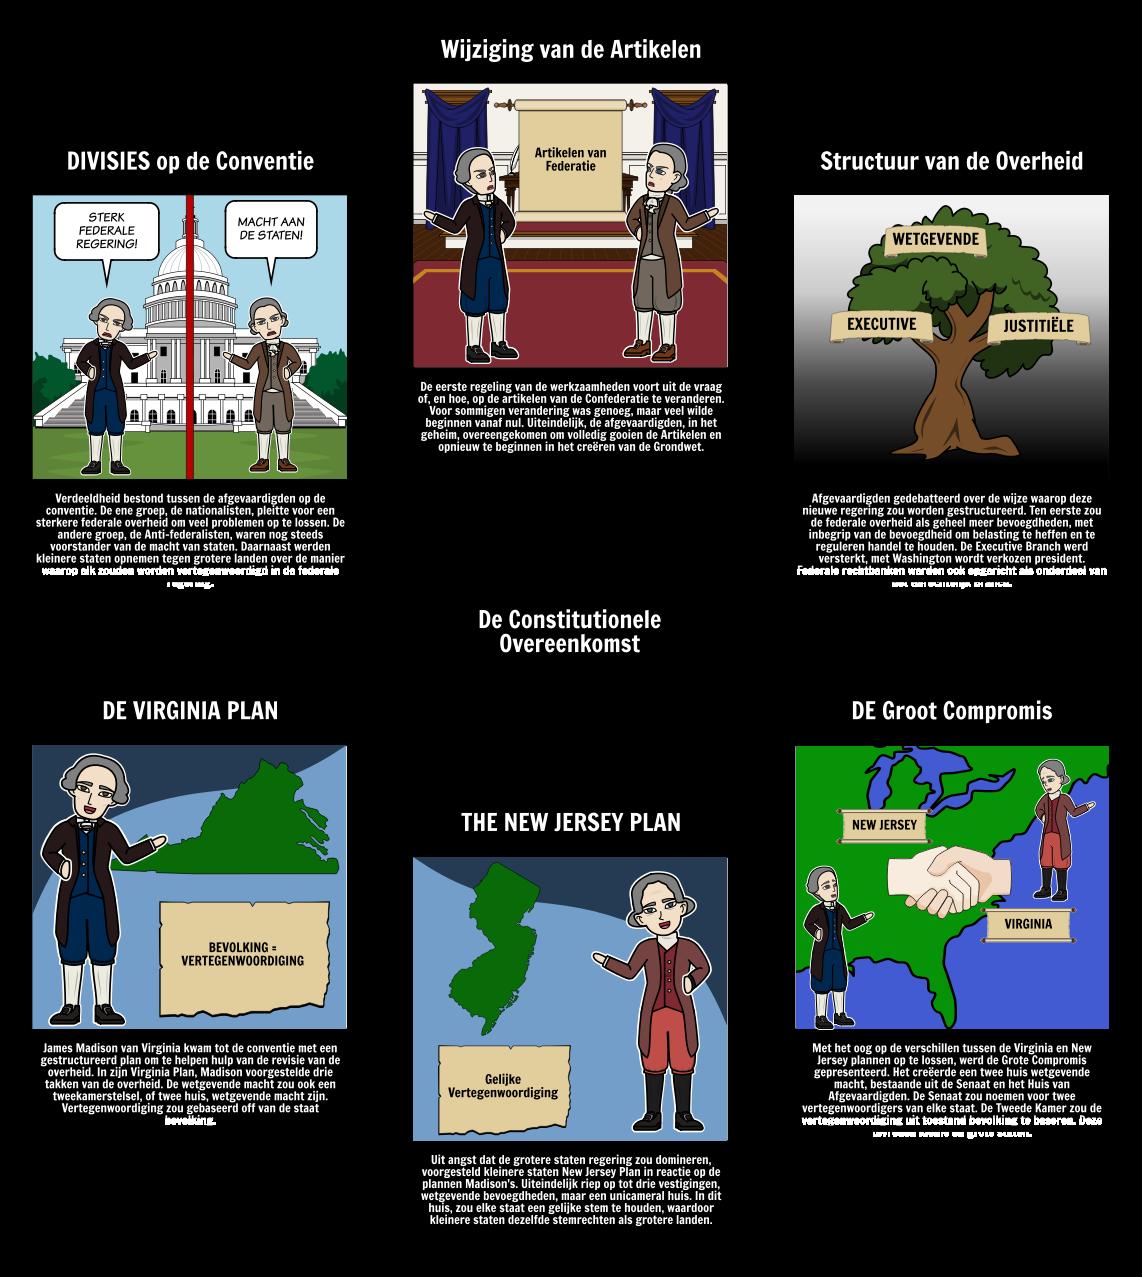 Federalisme - Het Grondwettelijk Verdrag